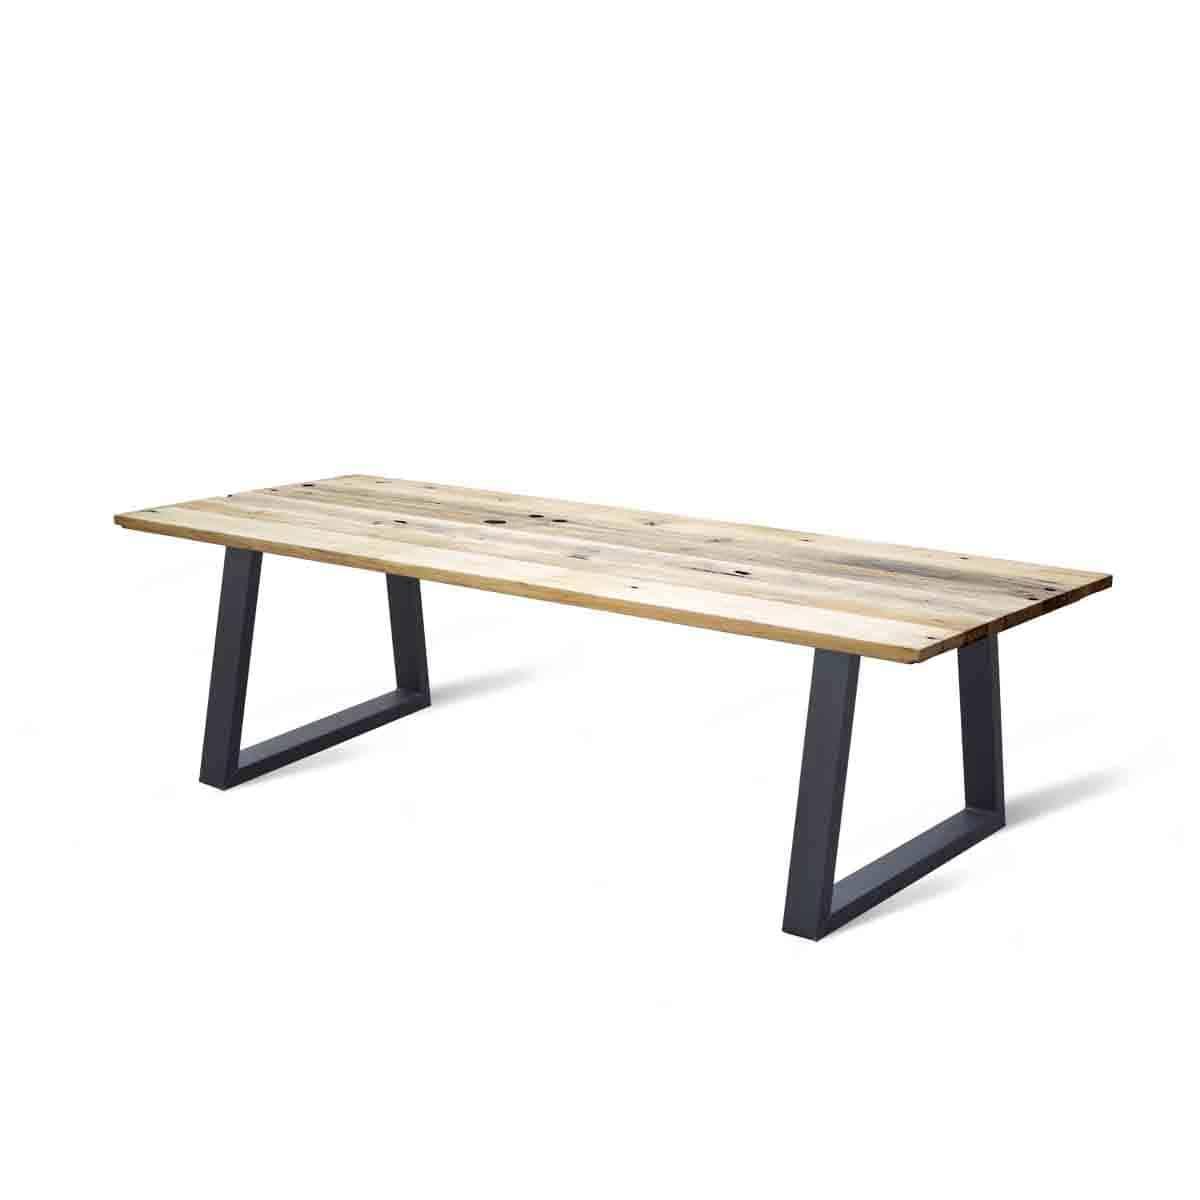 industriele massief eiken houten wagonhouten eetkamer keuken tafel